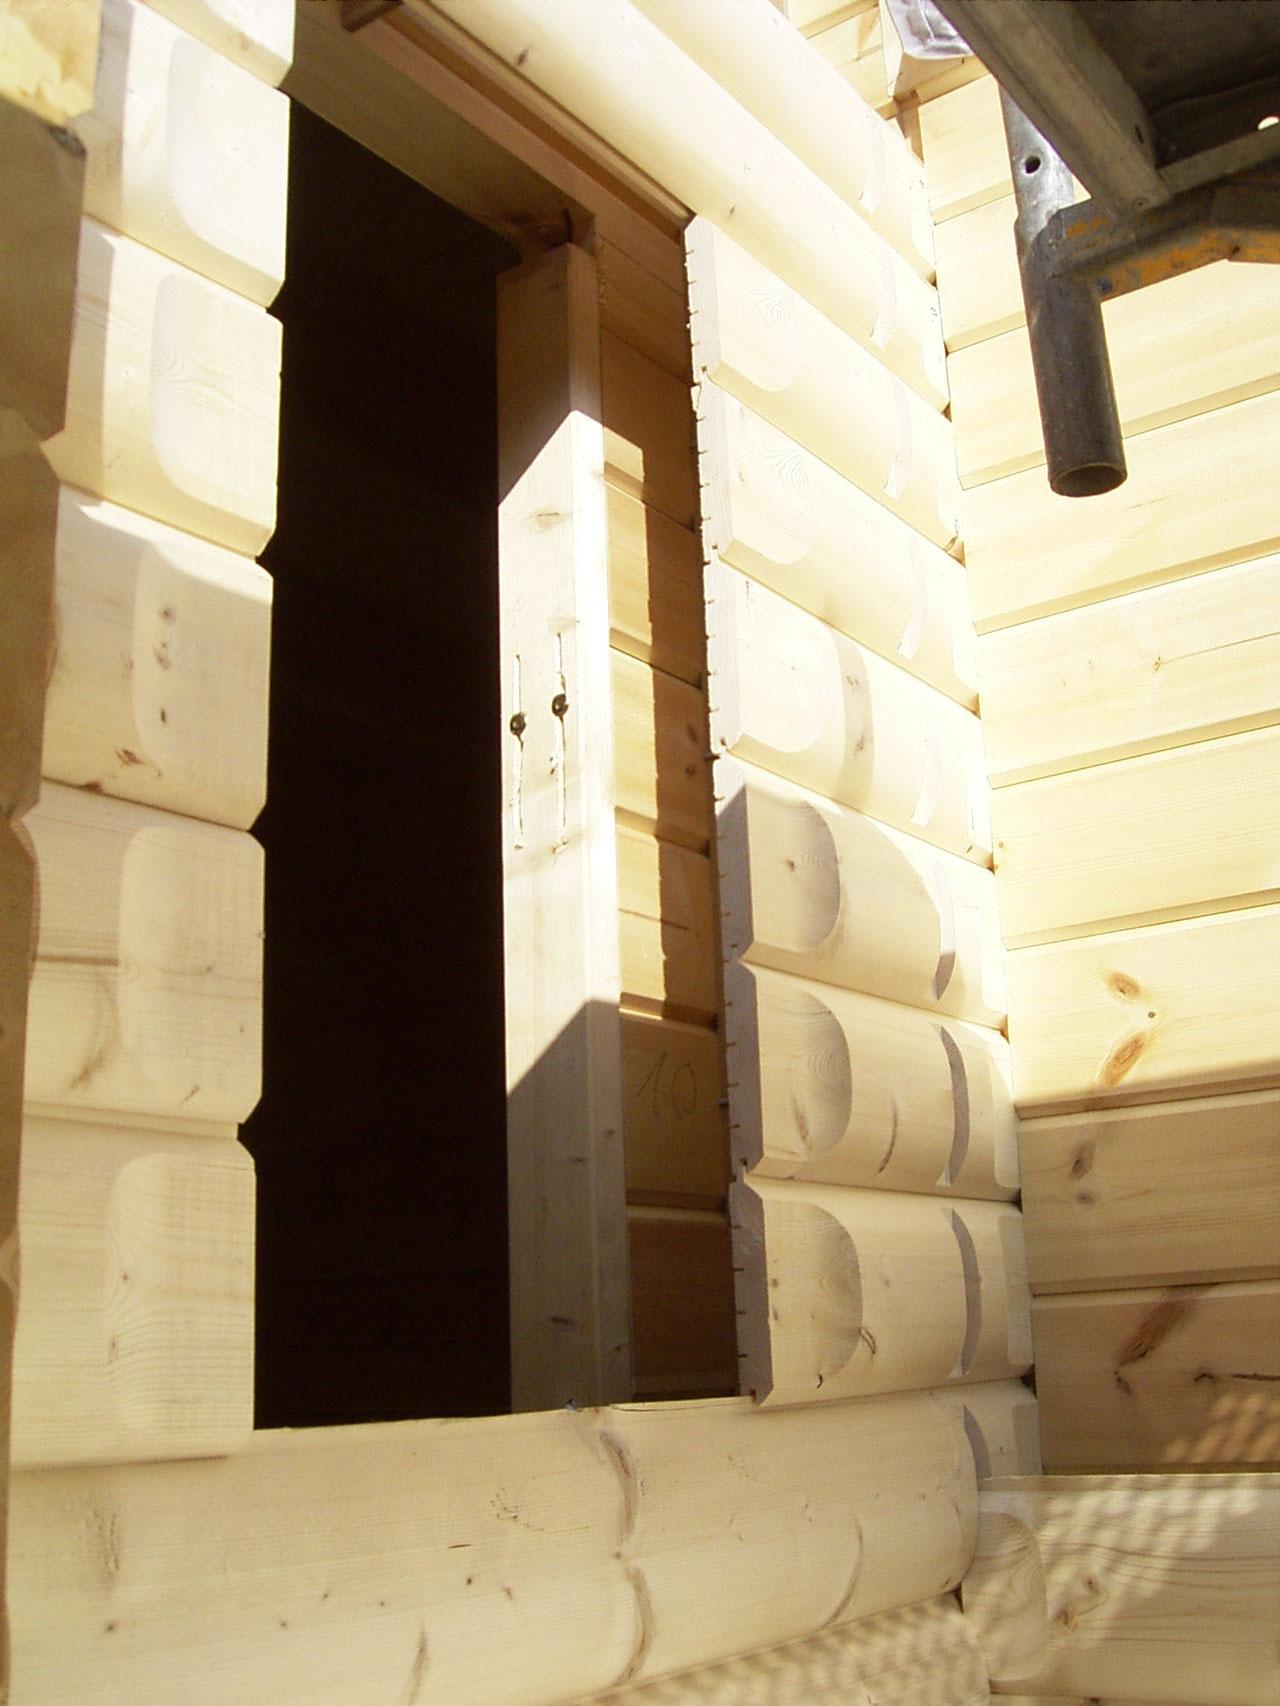 Wandaufbau in Perfektion! Die Dämmung wird ohne jegliche Folie eingeblasen. Natürlicher geht es nicht.